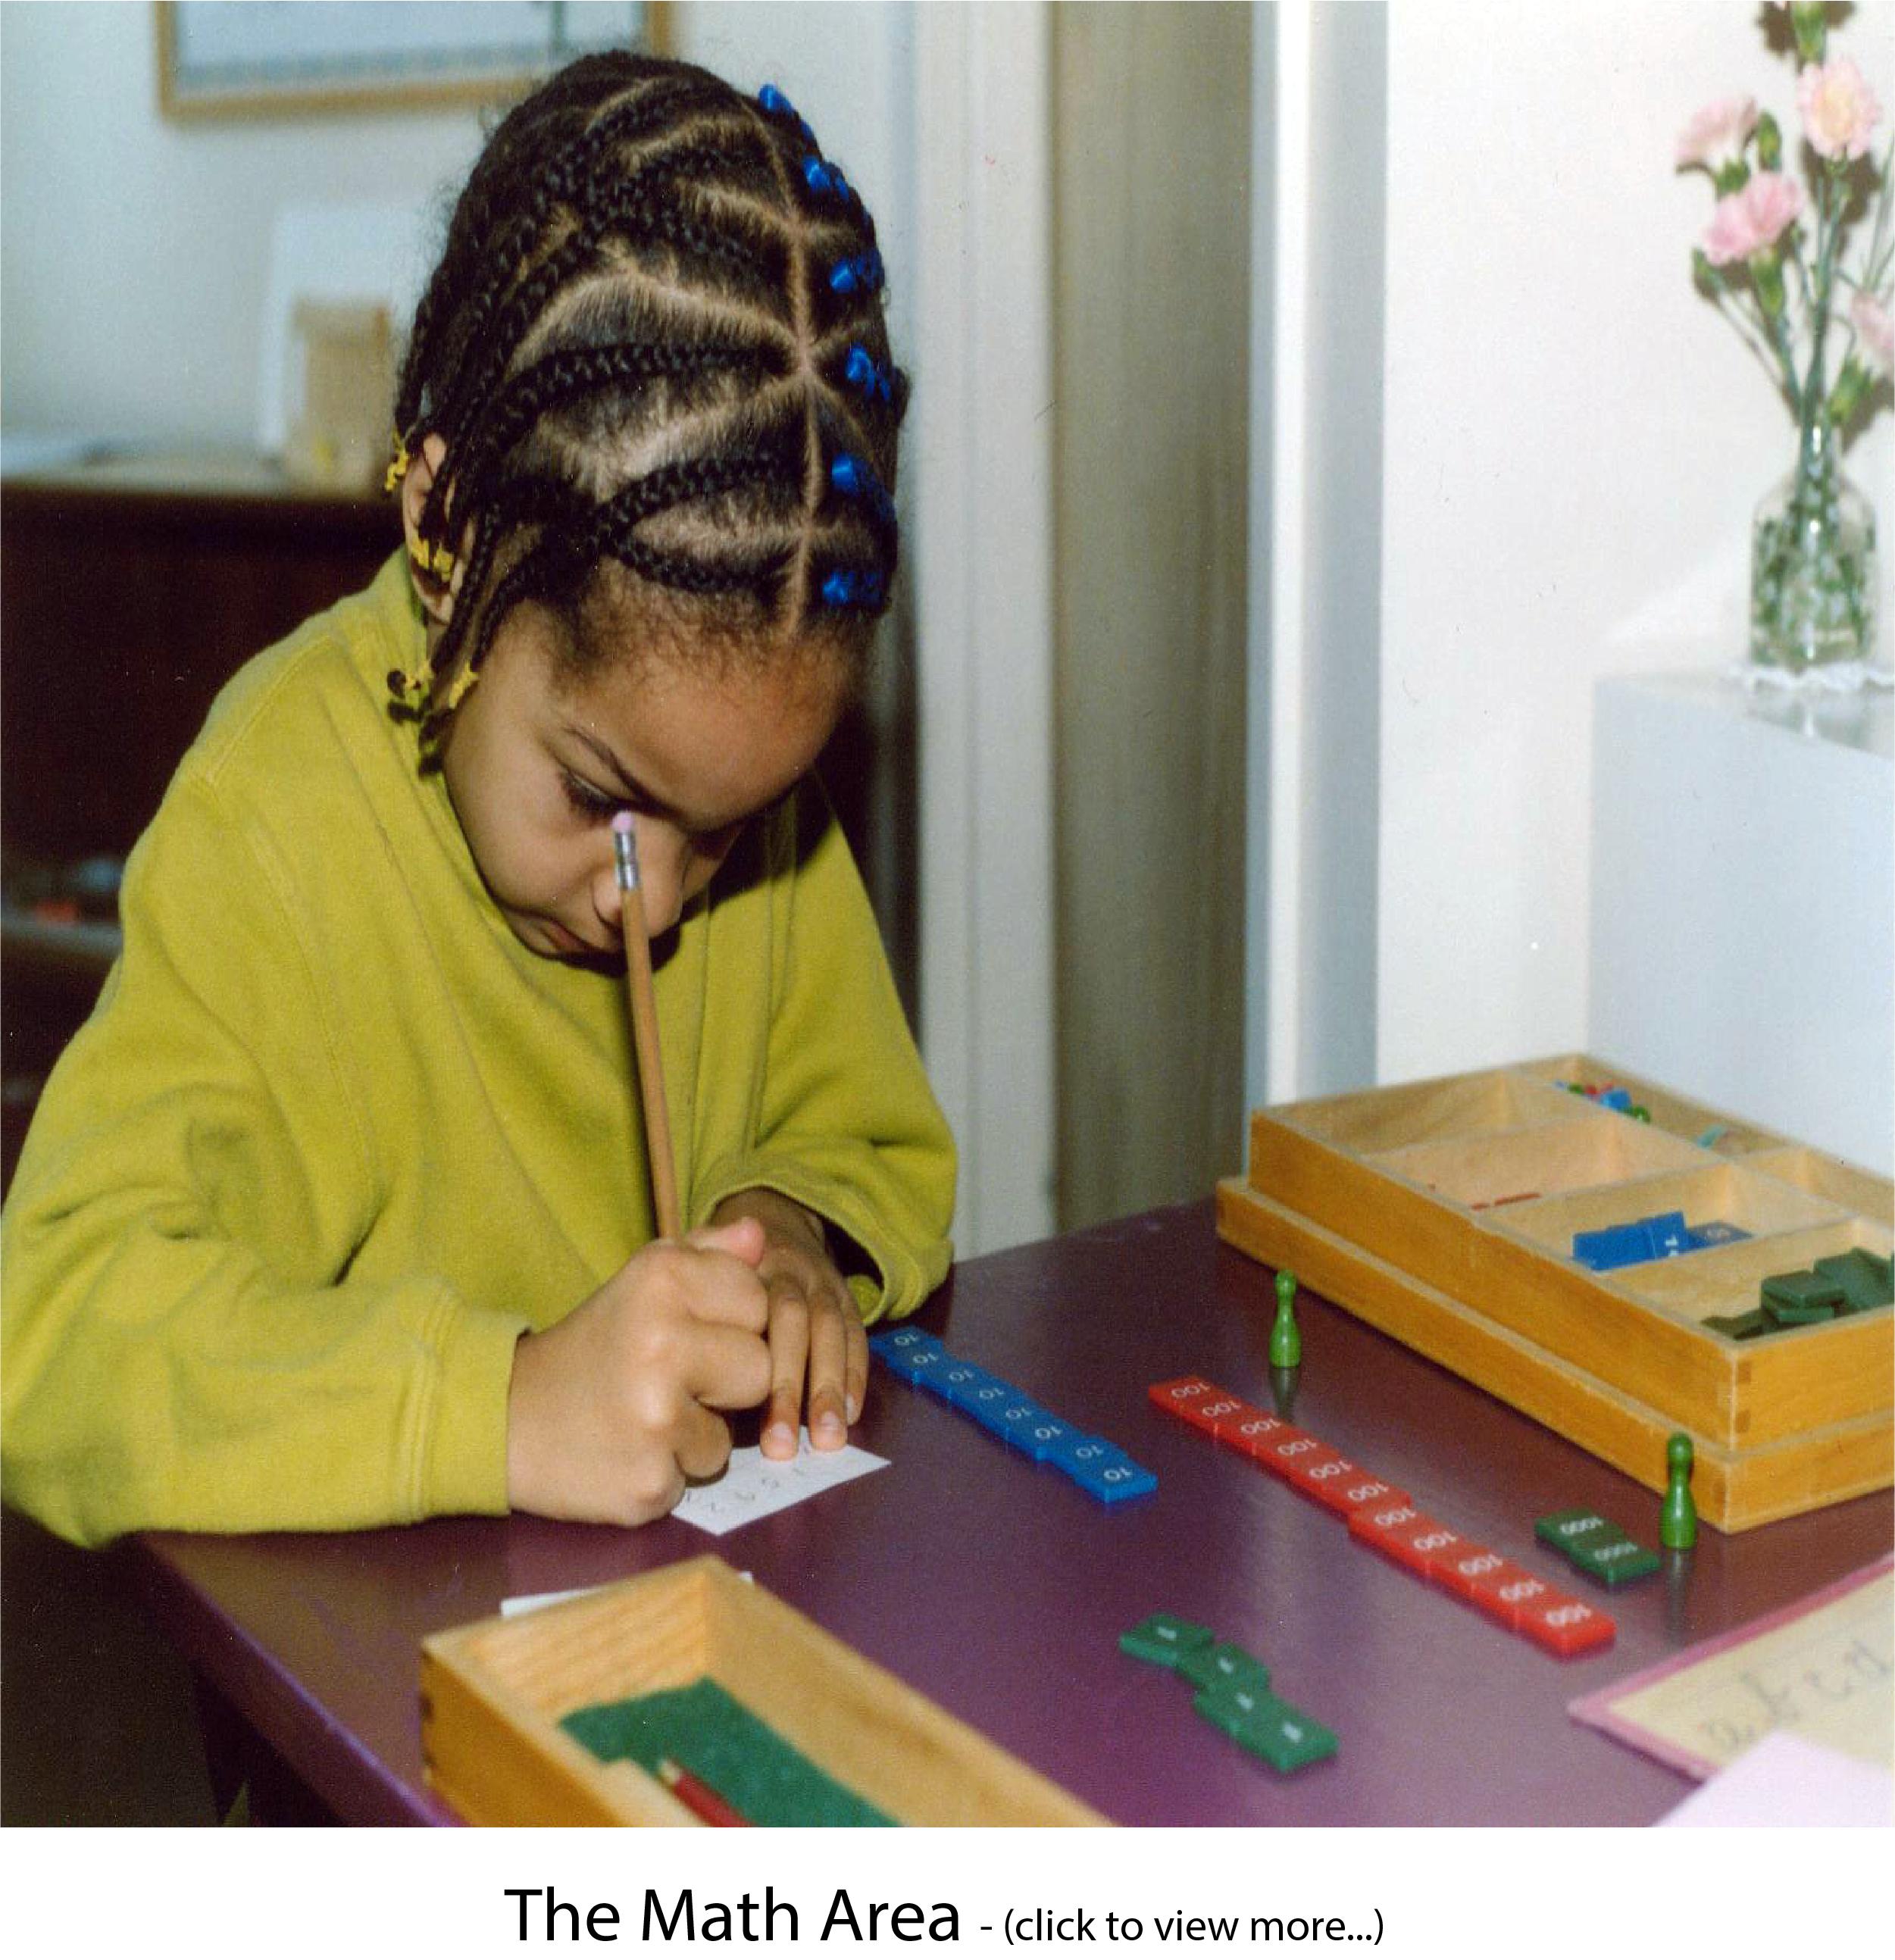 The Math Area